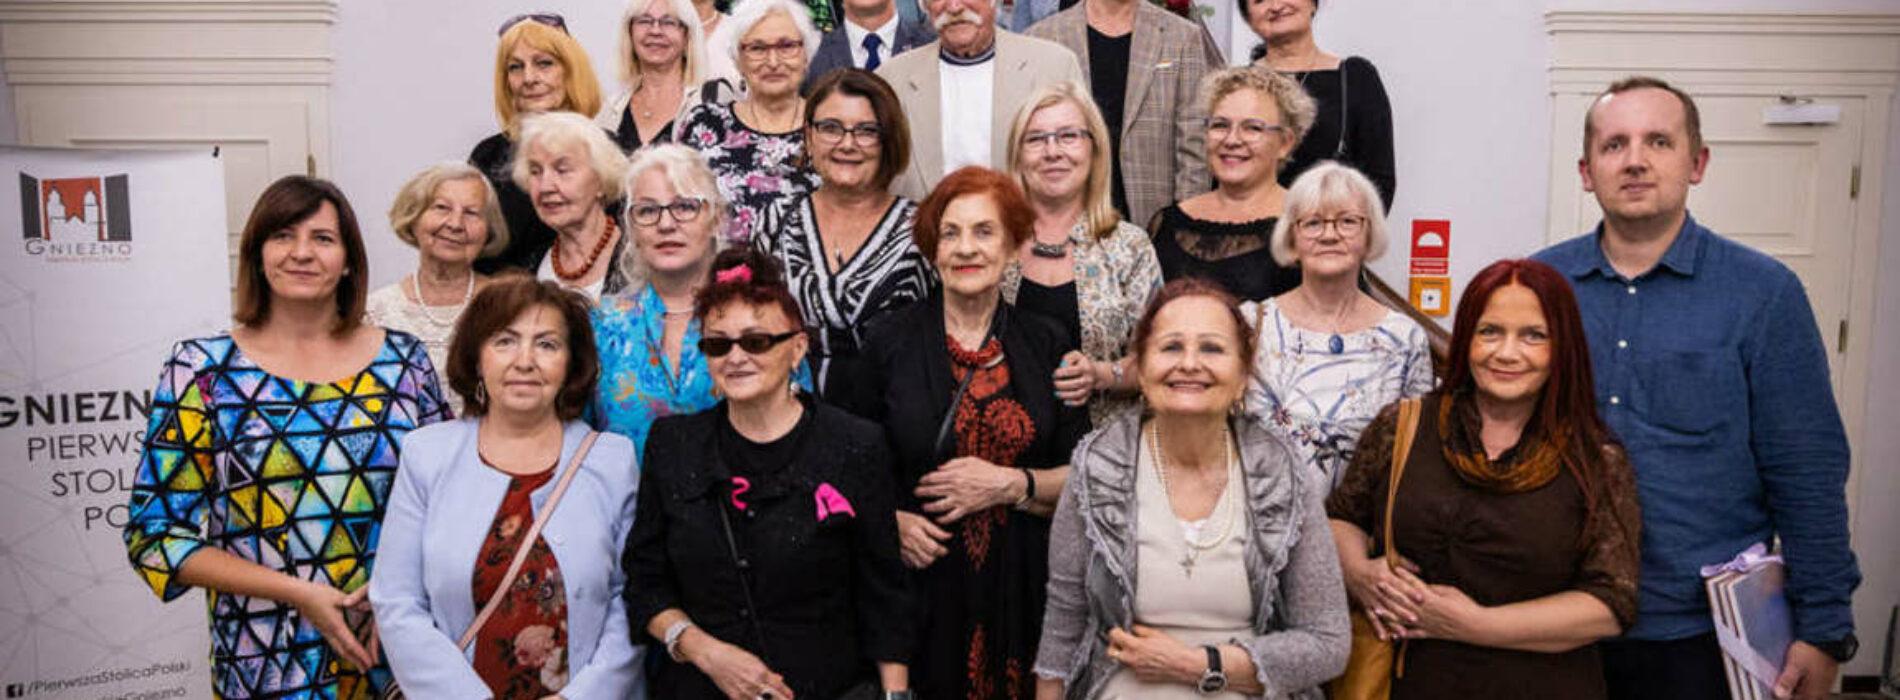 Klub Plastyka działa w MOK już 40 lat